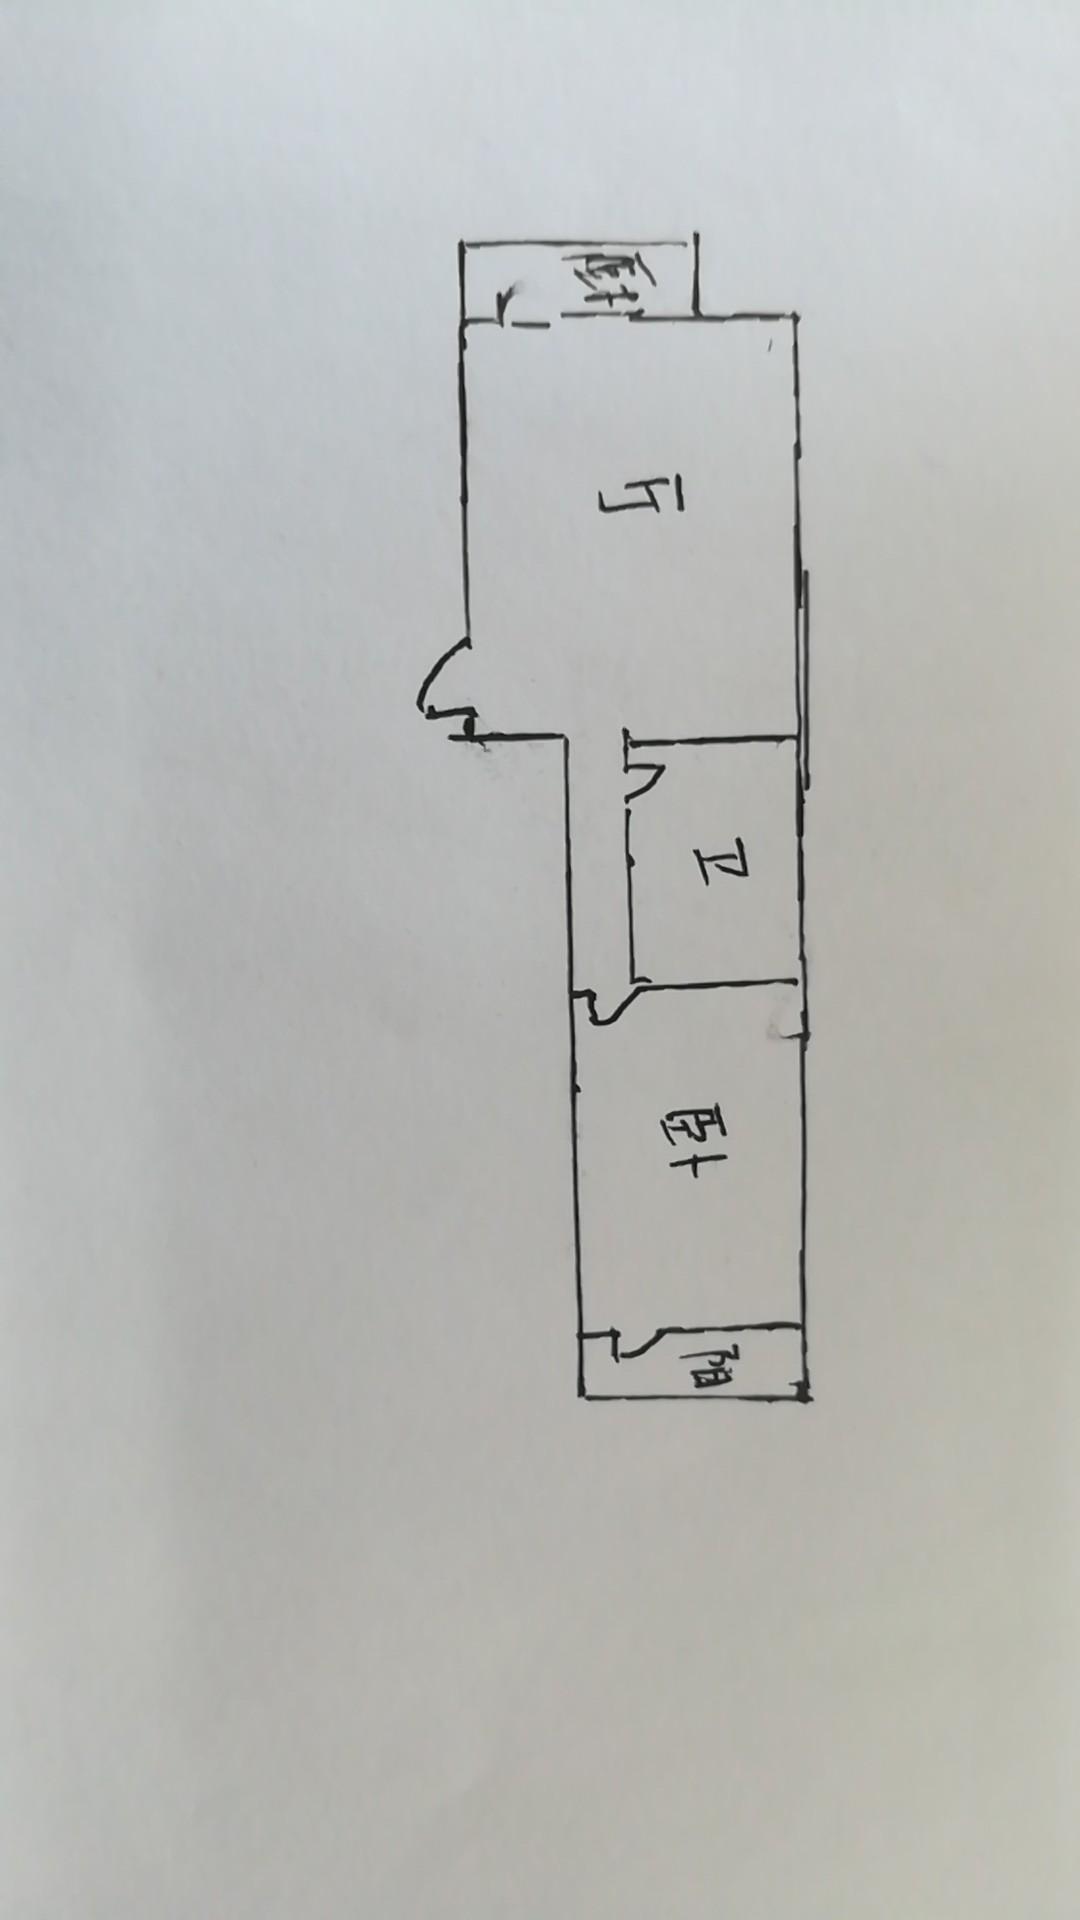 长河小区 1室1厅 4楼